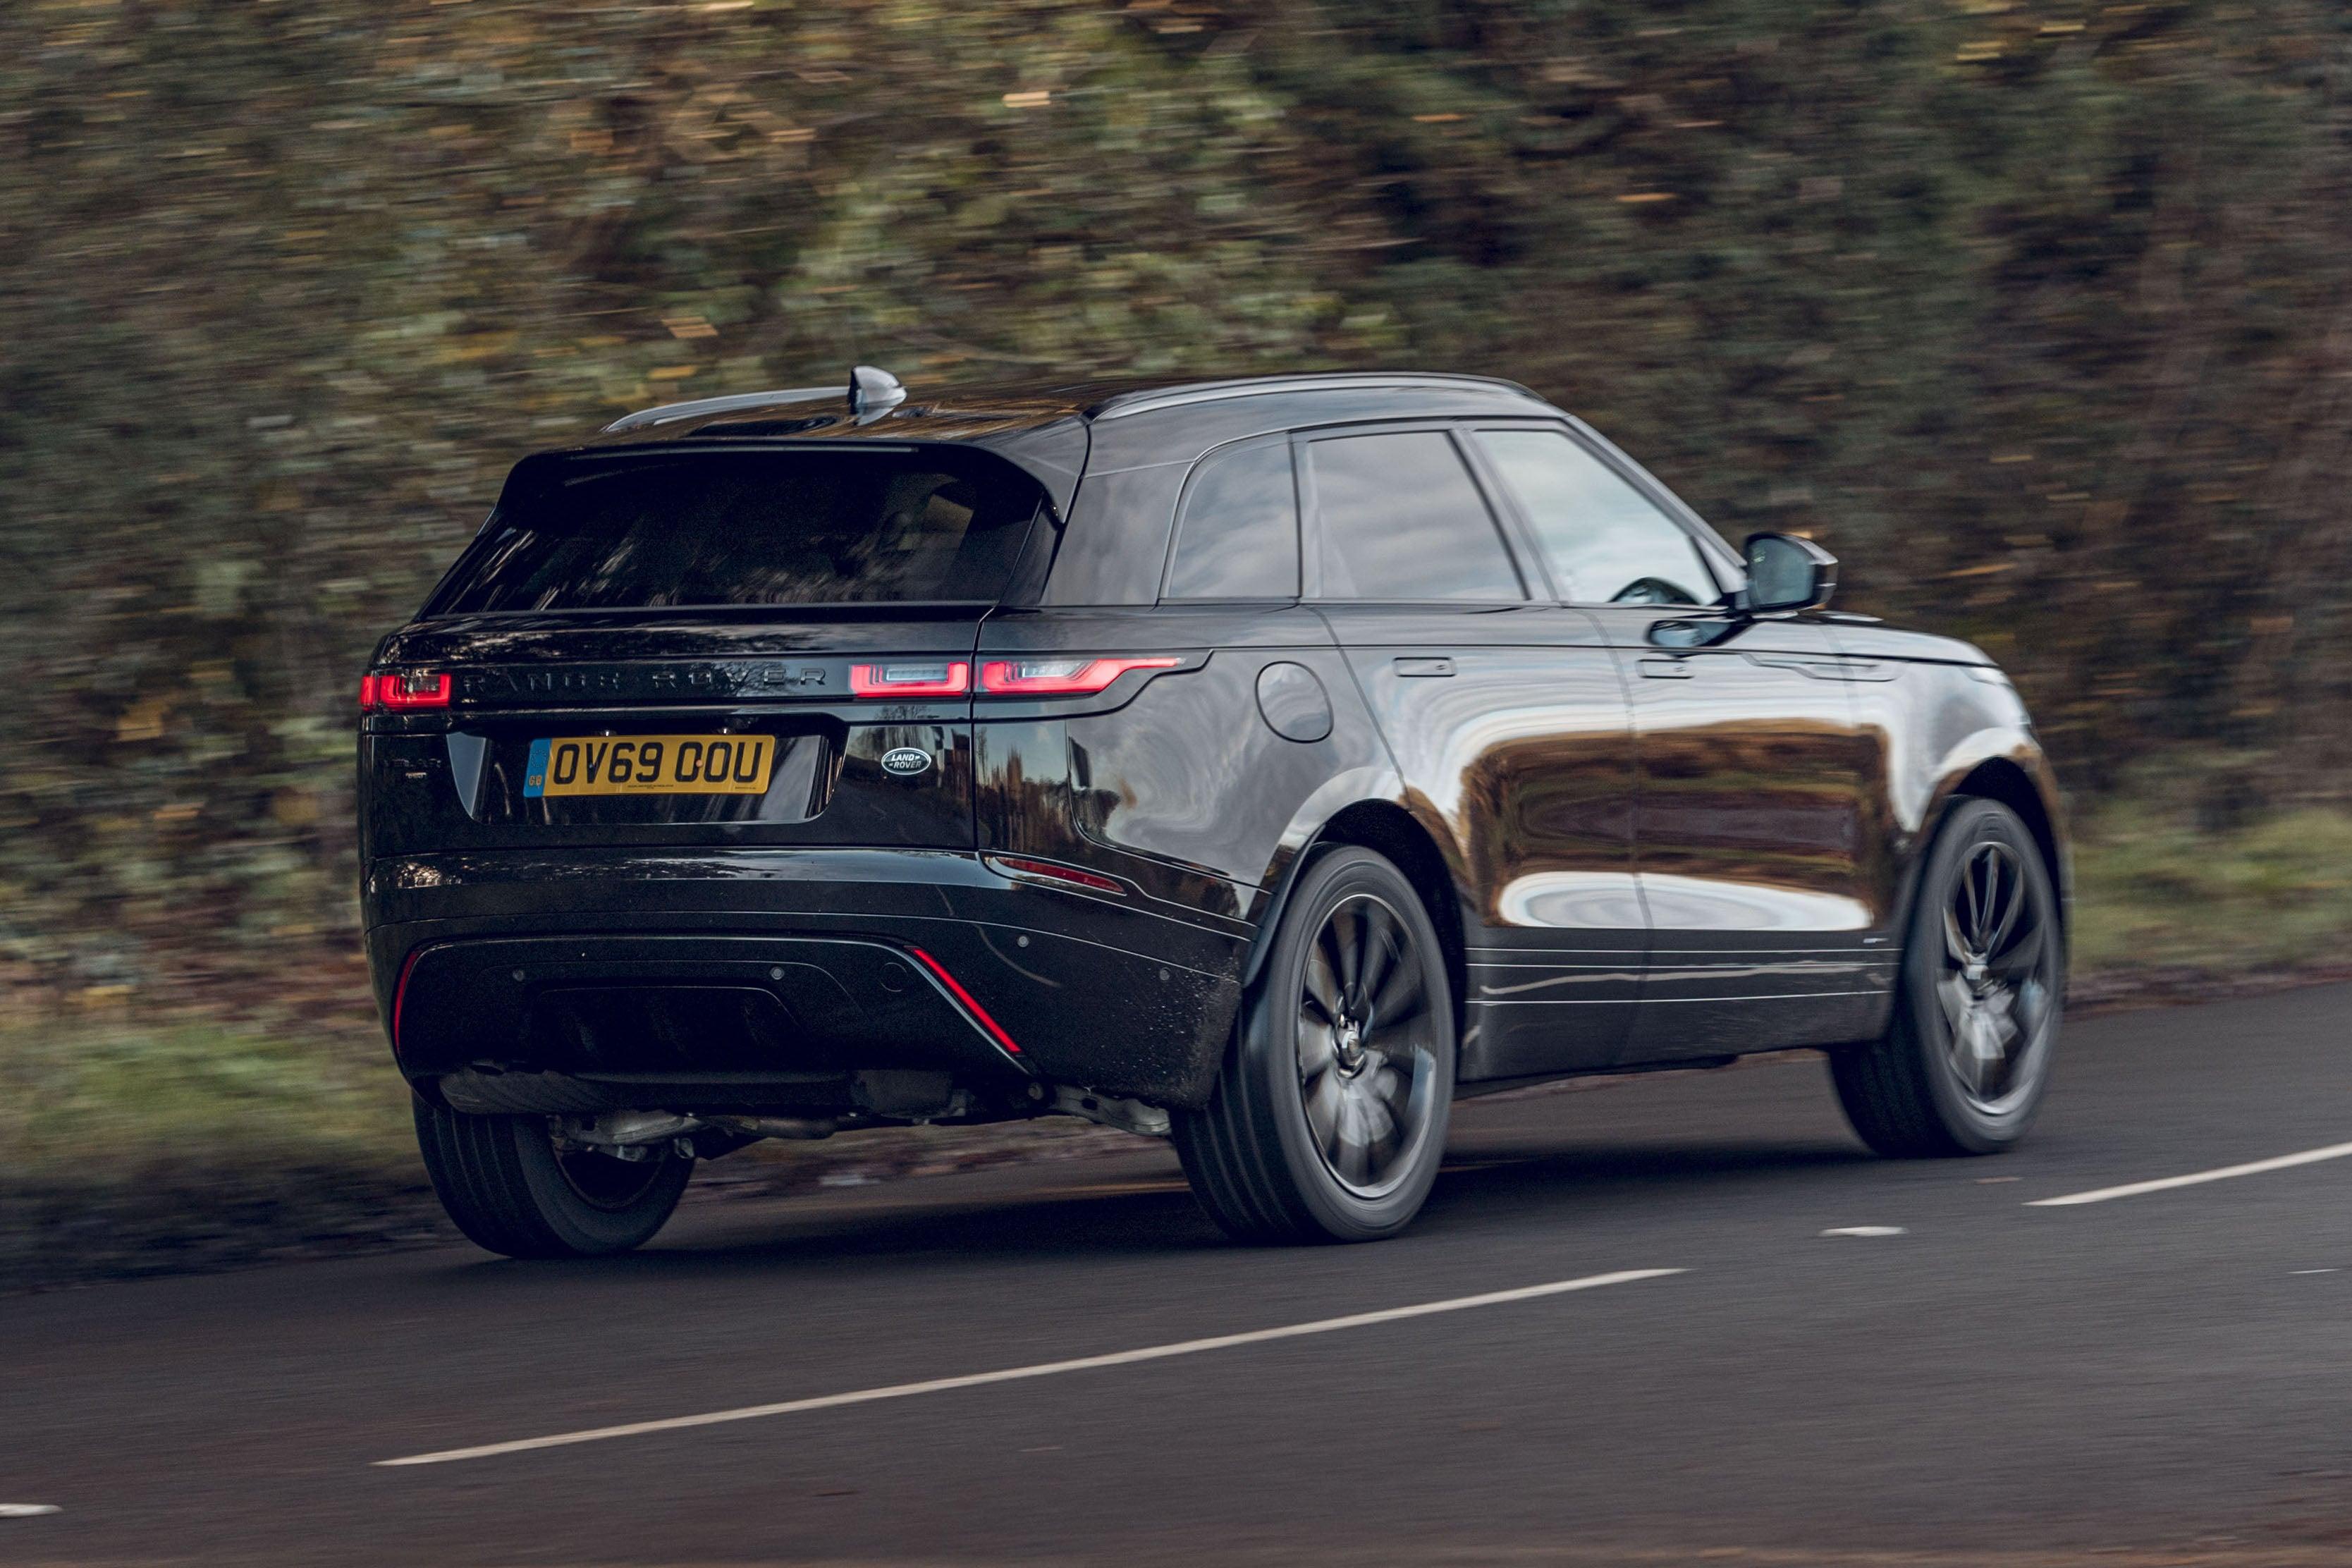 Range Rover Velar backright exterior